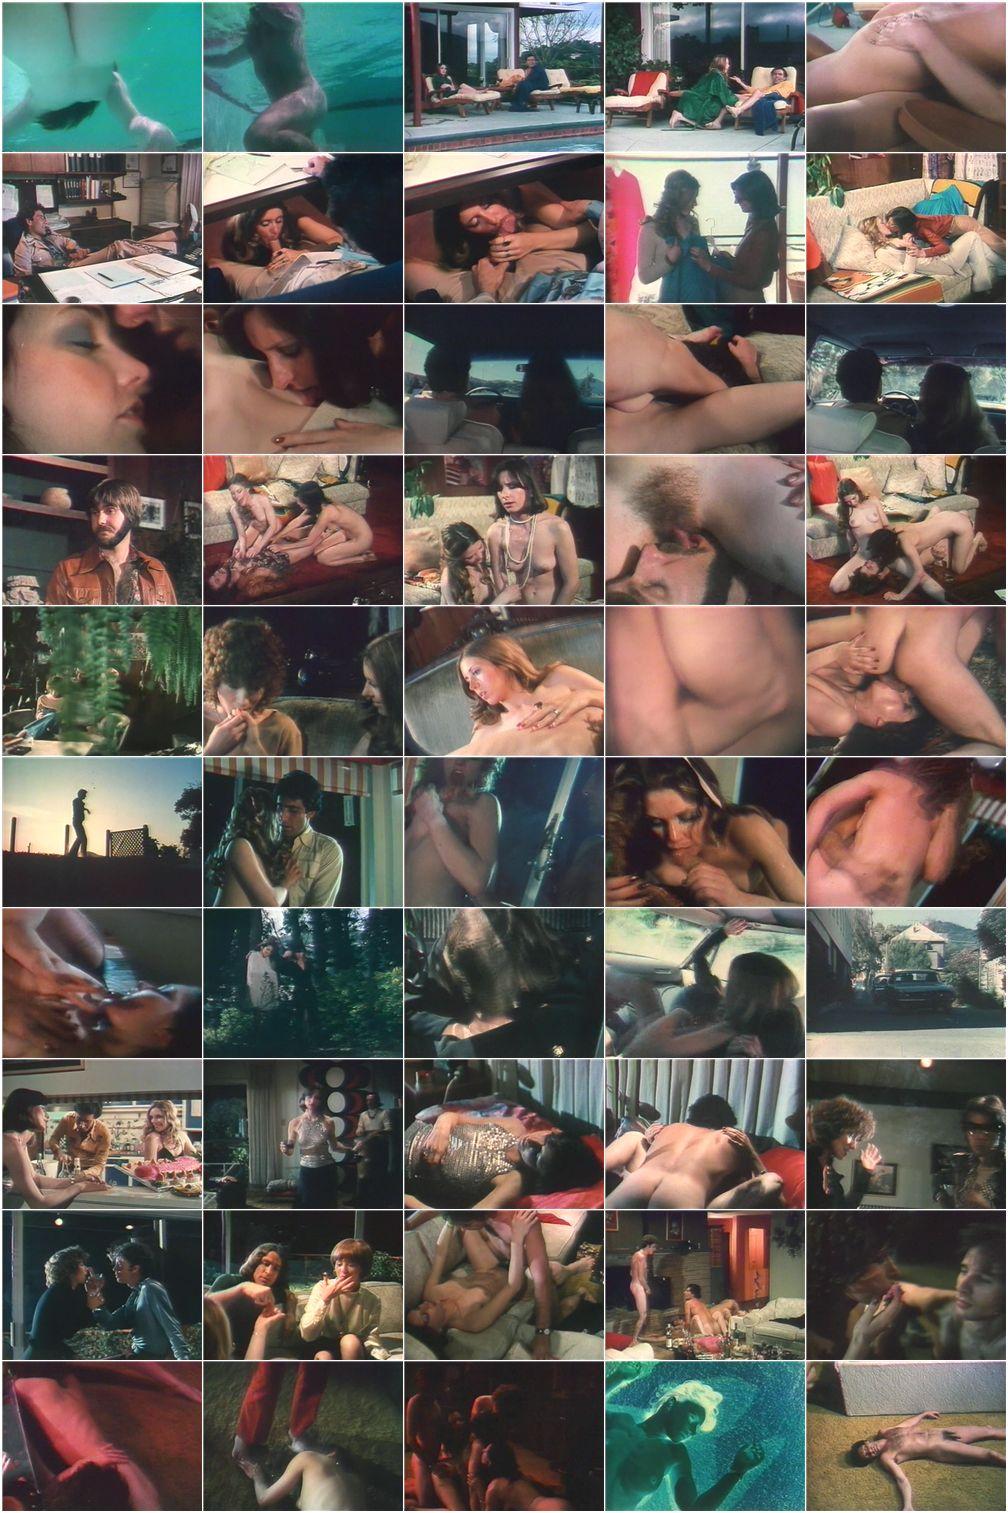 славении порно фильм